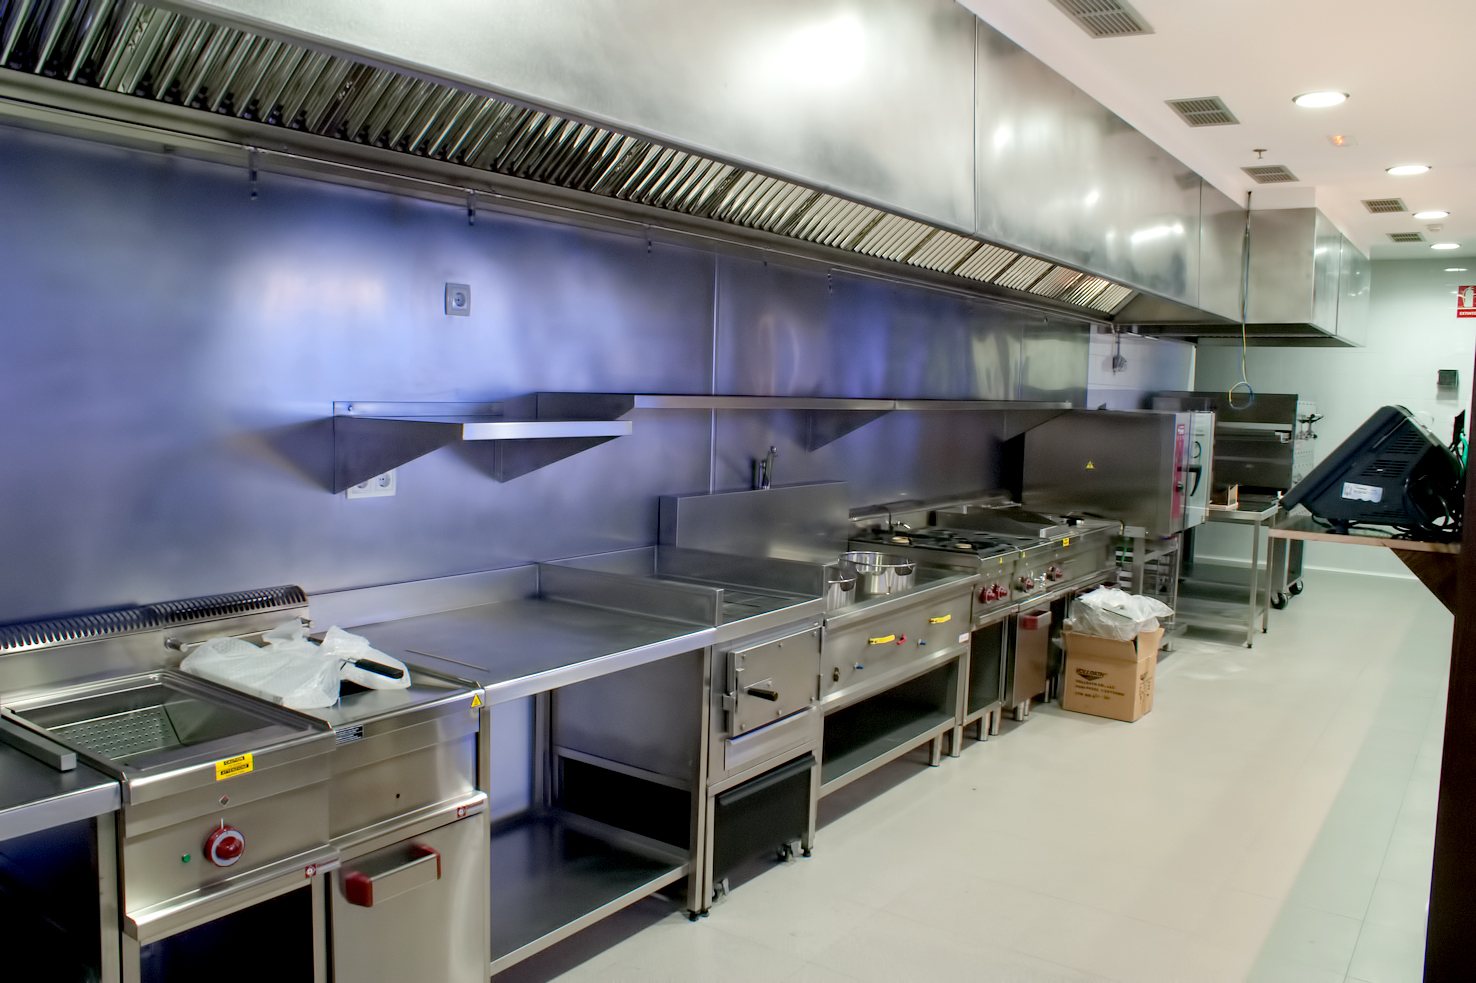 fotos-proyectos-obras-aceroinnova-cocinas-hosteleria-restauracion-instalaciones-montaje9